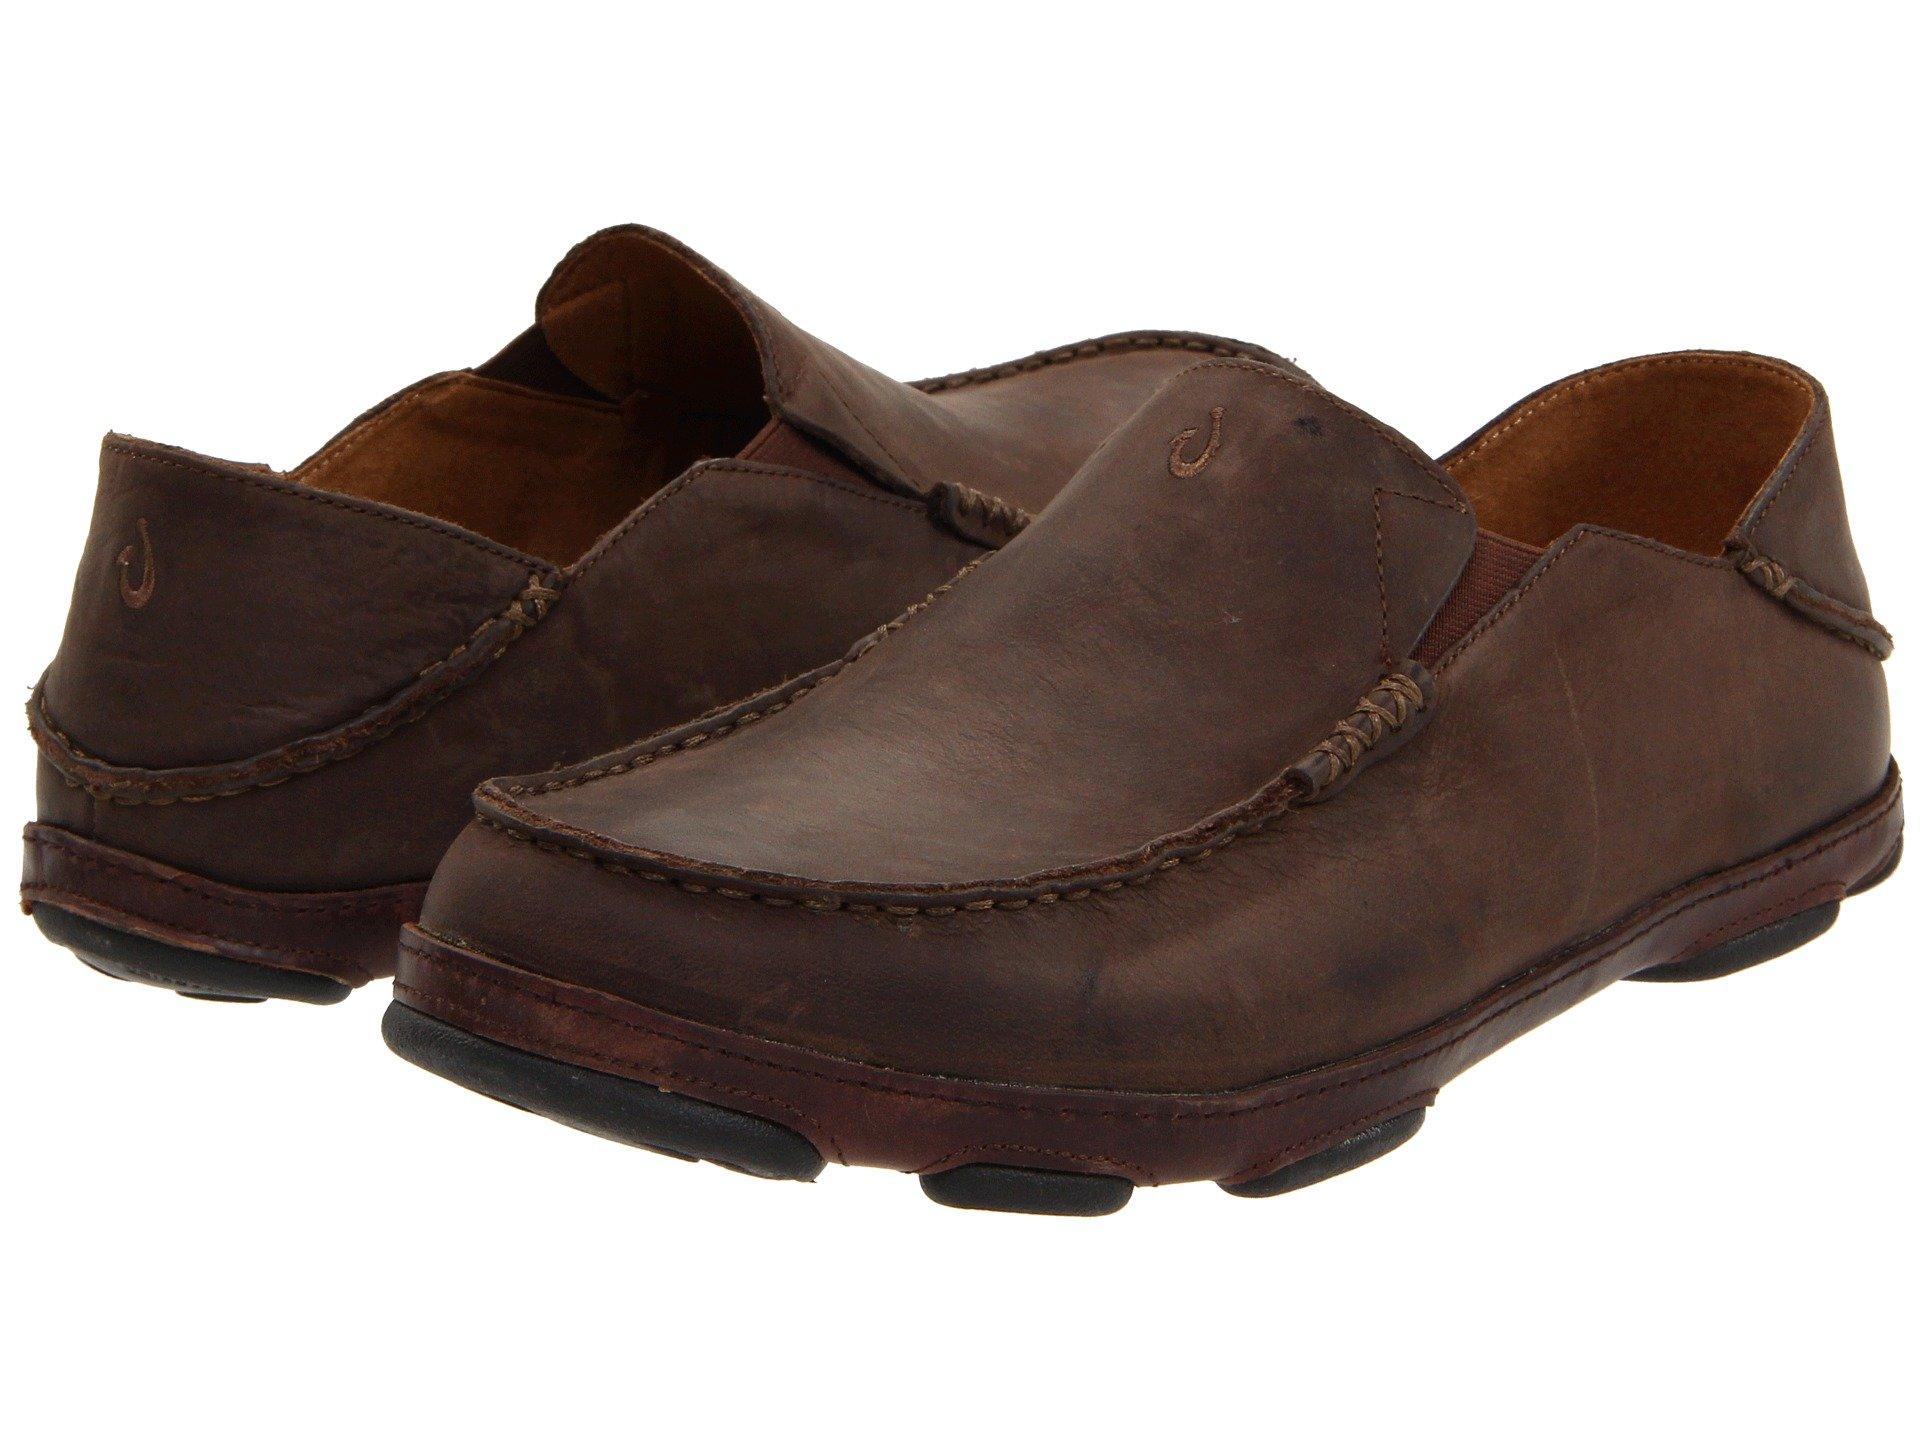 Olukai Moloa Shoes Sale